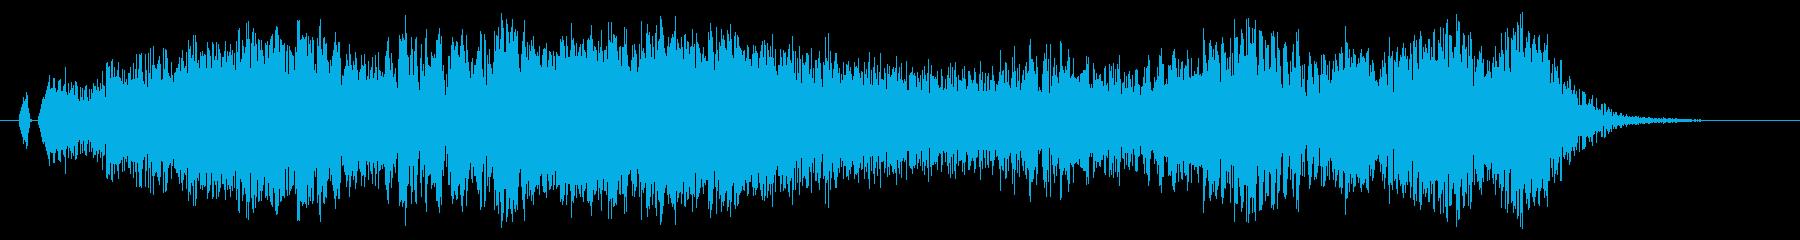 シャキーン!雷、電気系の魔法に最適です1の再生済みの波形